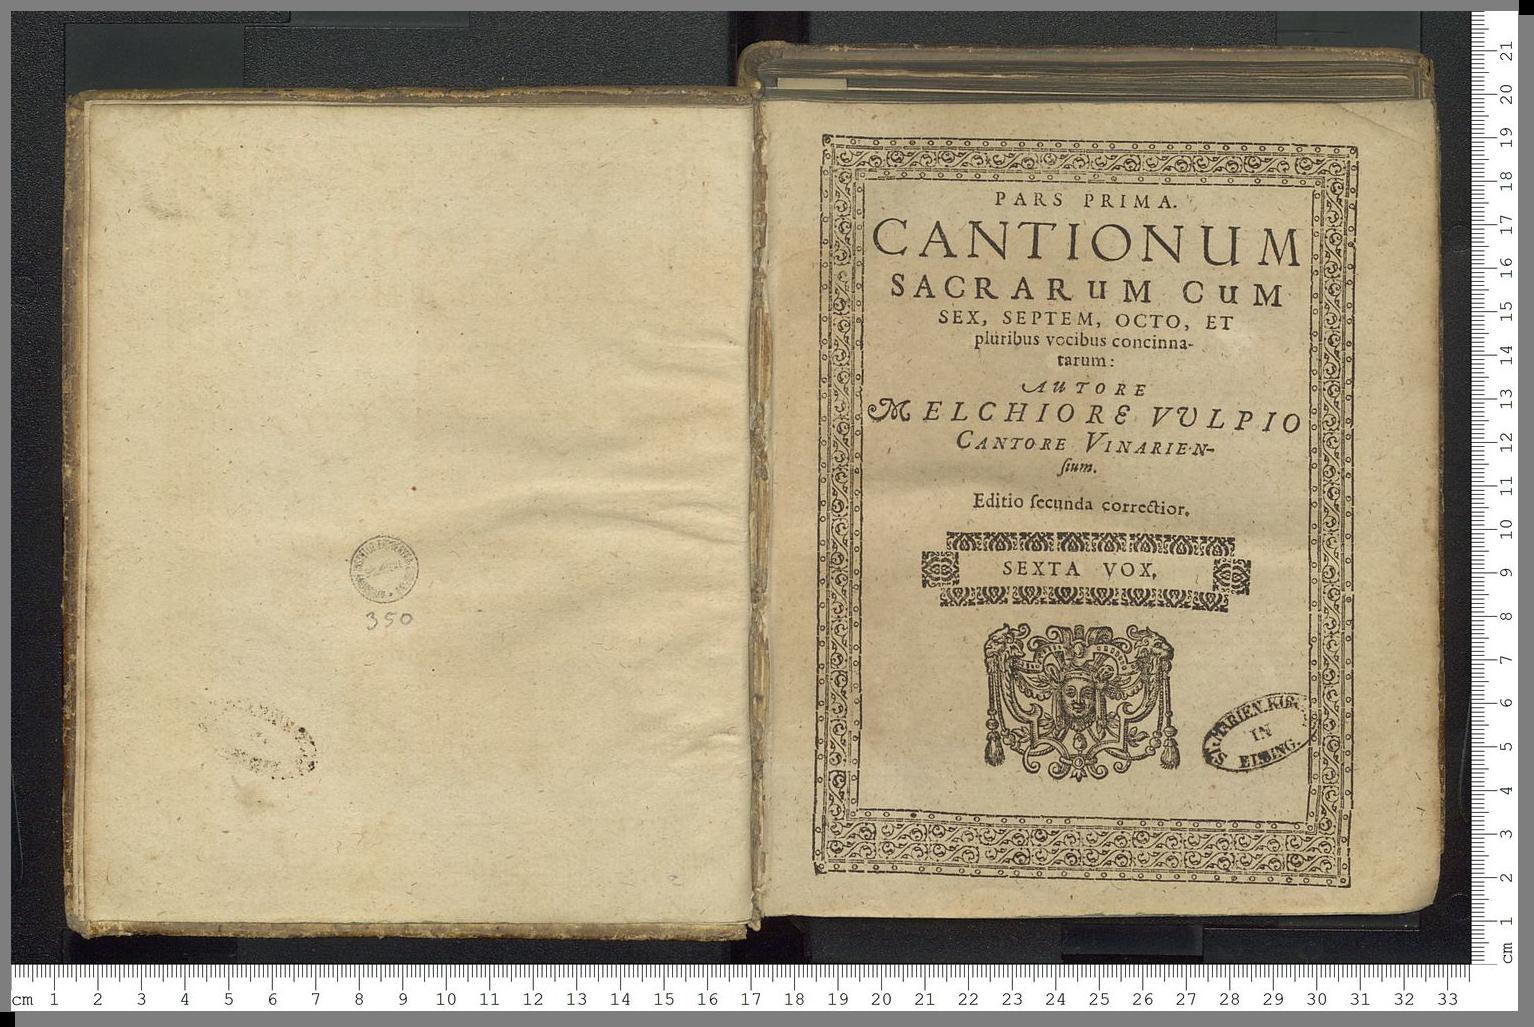 Przykład skanu starego druku